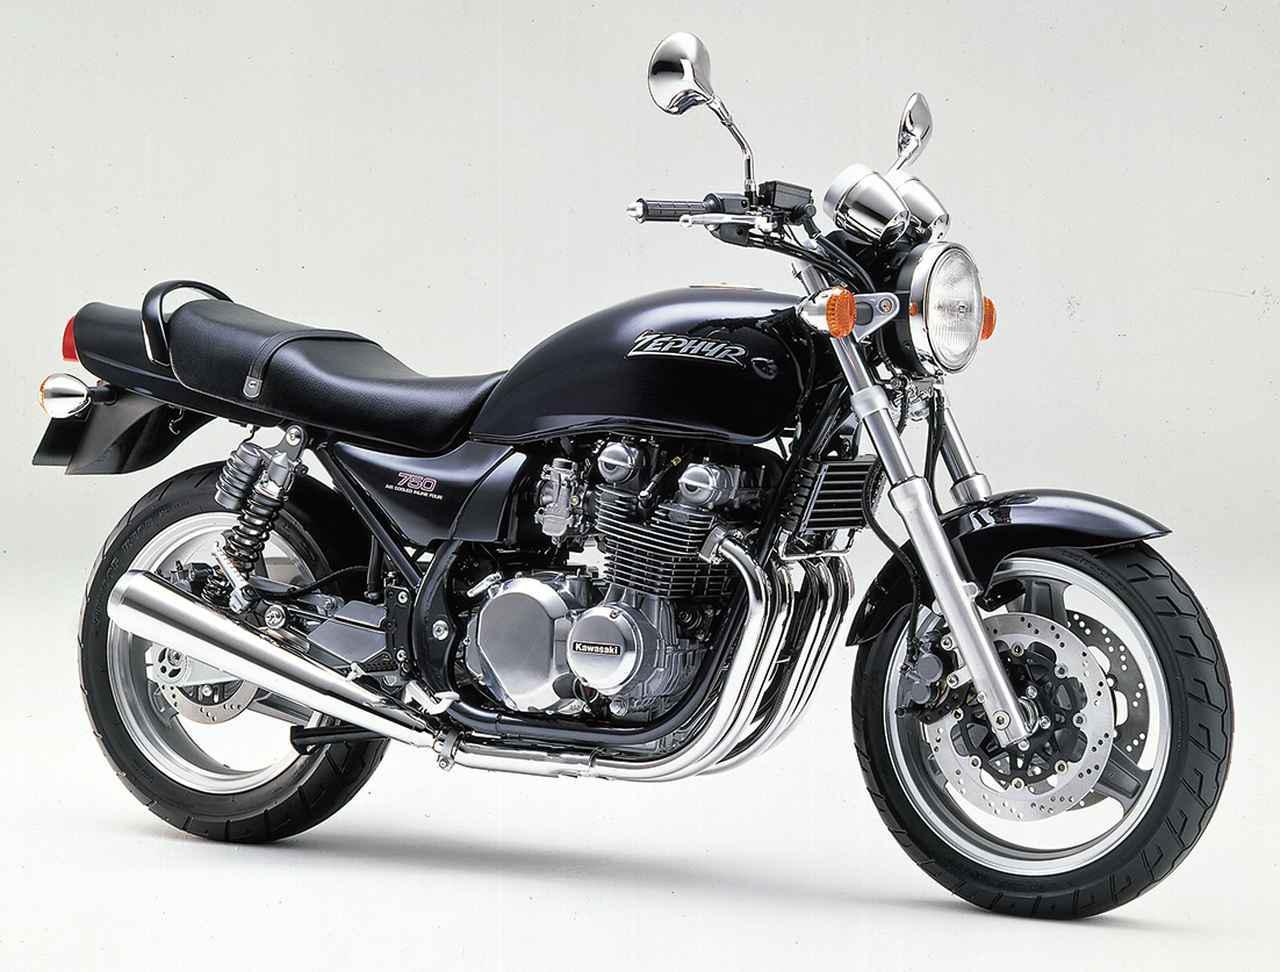 画像: Kawasaki ZEPHYR 750 1990年8月登場 エンジン形式:空冷4ストDOHC2バルブ並列4気筒 総排気量:738㏄ 最高出力:68PS/9500rpm 最大トルク:5.5kg-m/7500rpm 車両重量:201kg タイヤサイズ:120/70-17・160/70-17 当時の発売価格:65万9000円 400の成功に手応えを感じて第2のゼファーとして登場したのが1990年8月デビューのゼファー750。タンクからサイドカバー、テールカウル、グラブバーに至るまで、Z2を意識したデザインにまとめられていた。